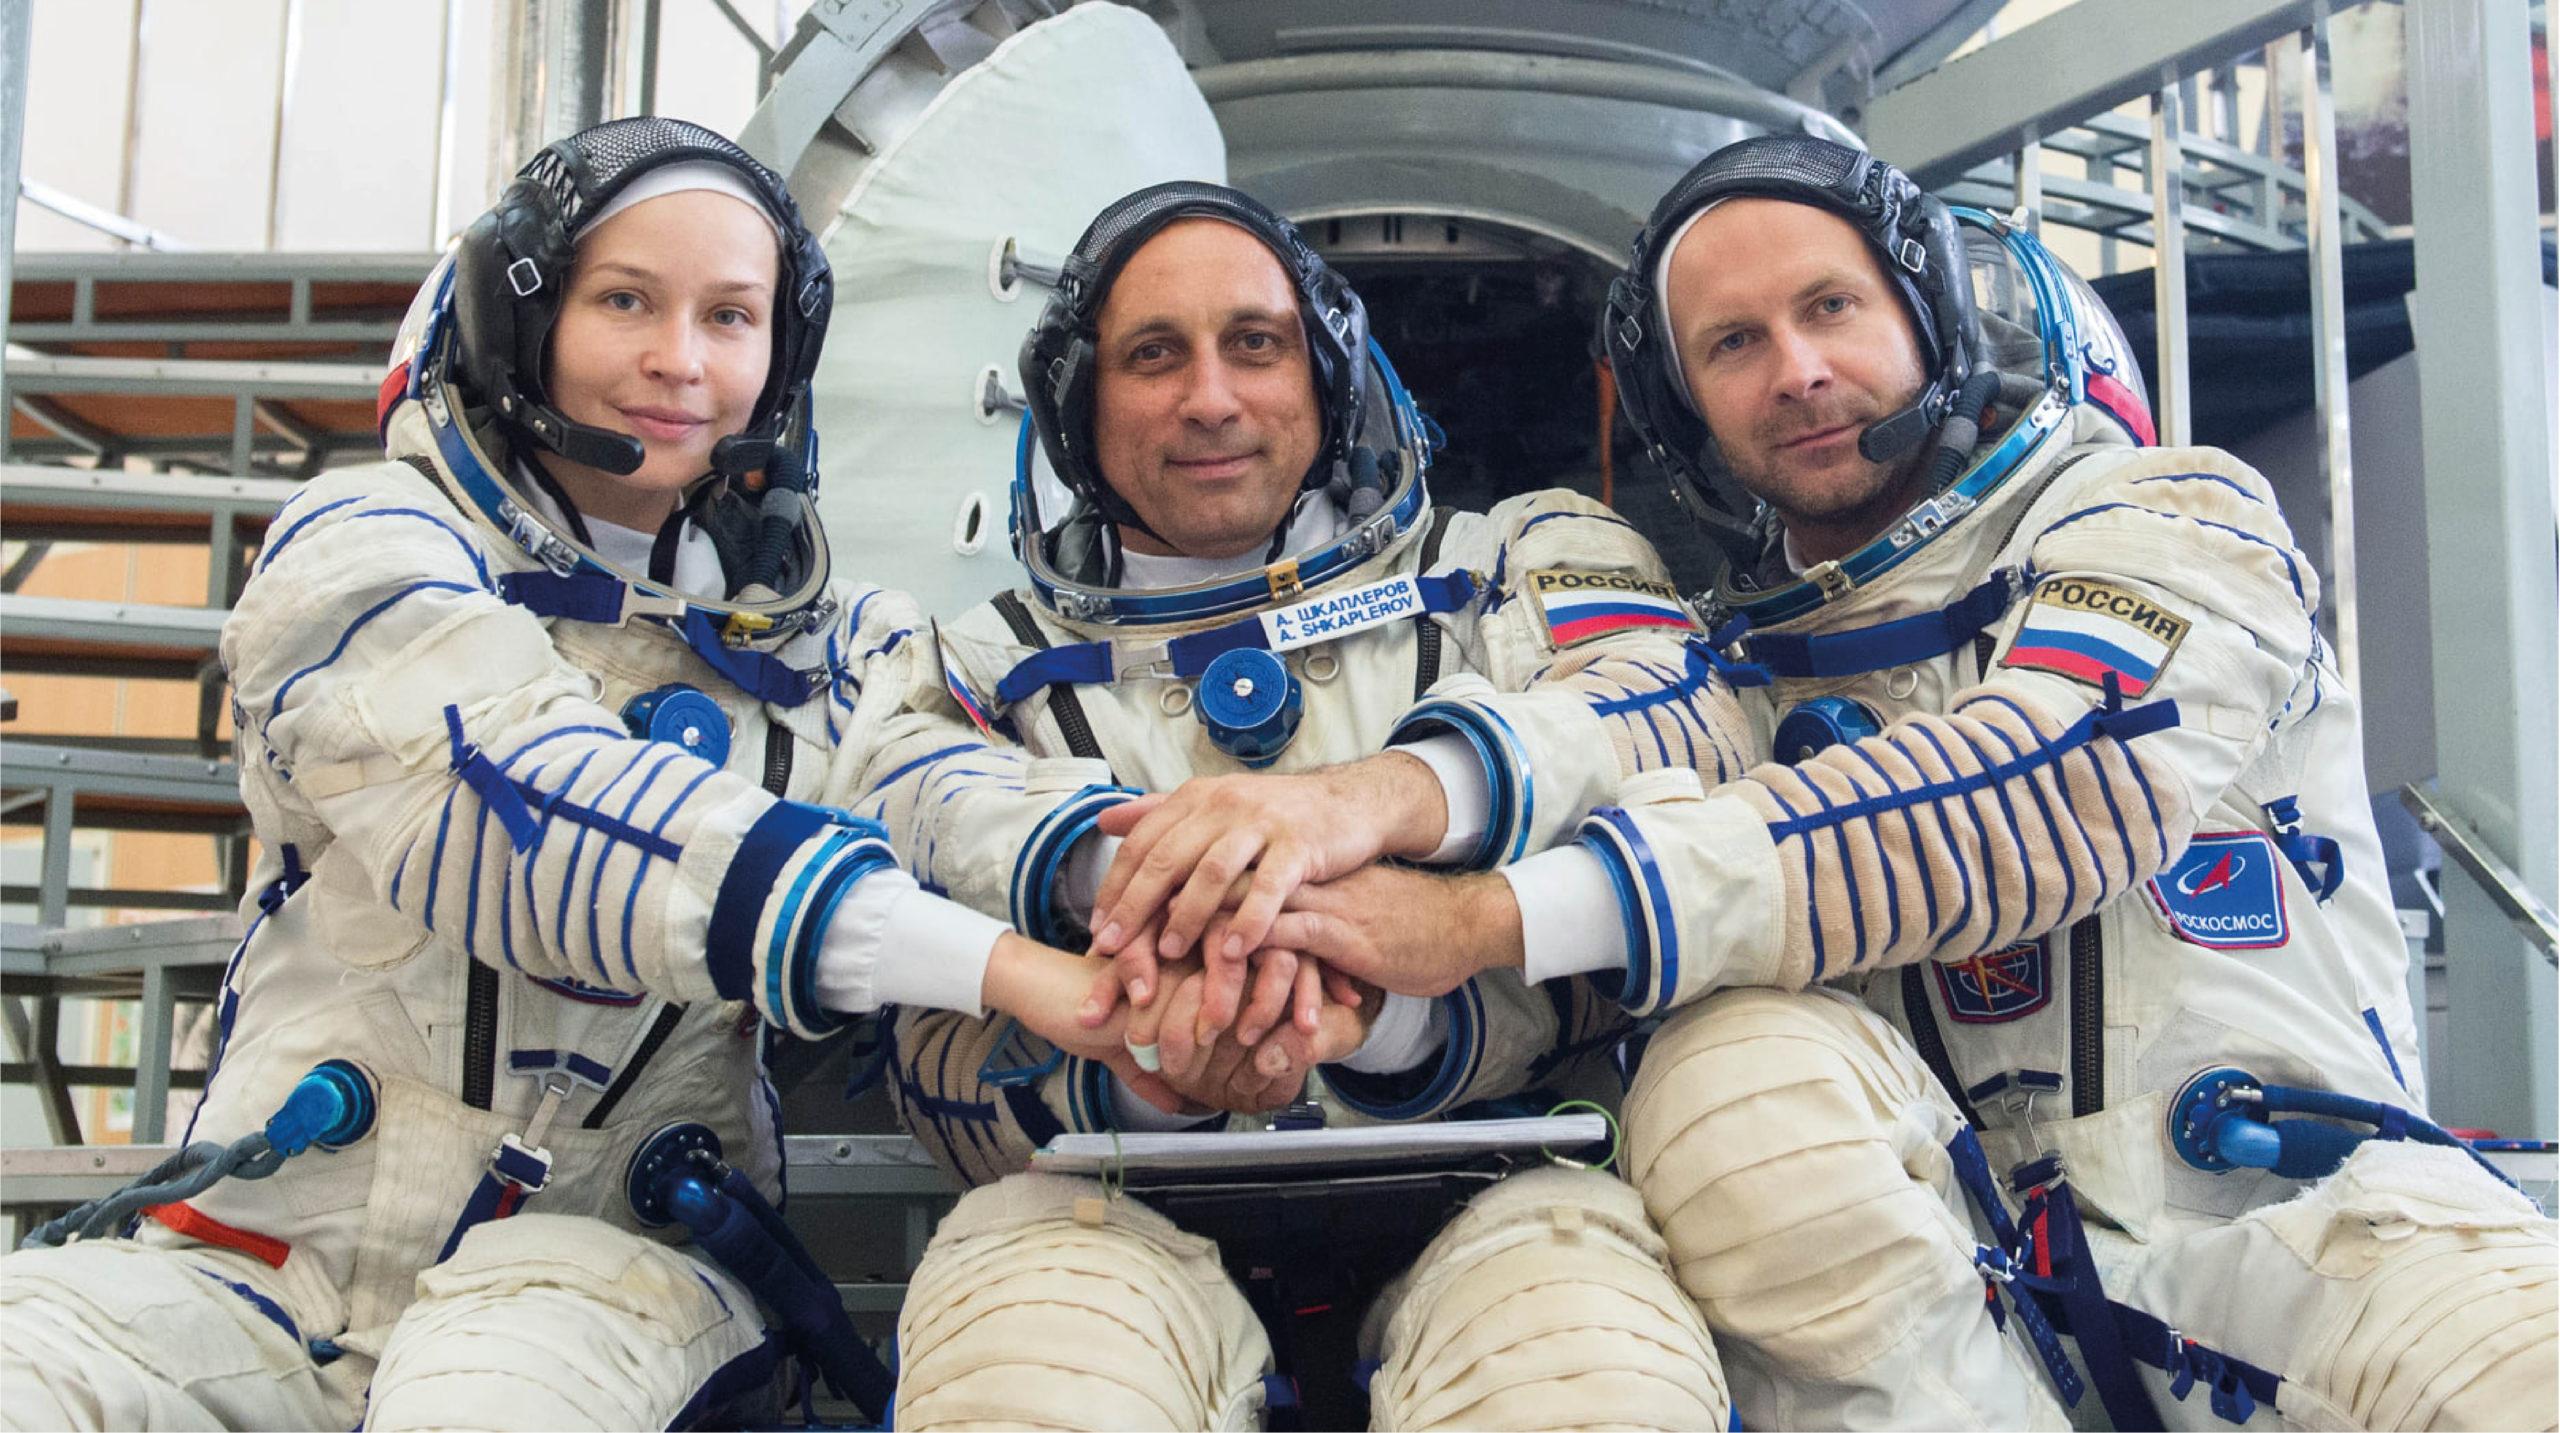 Alistan el despegue del equipo de rodaje para la primer película espacial